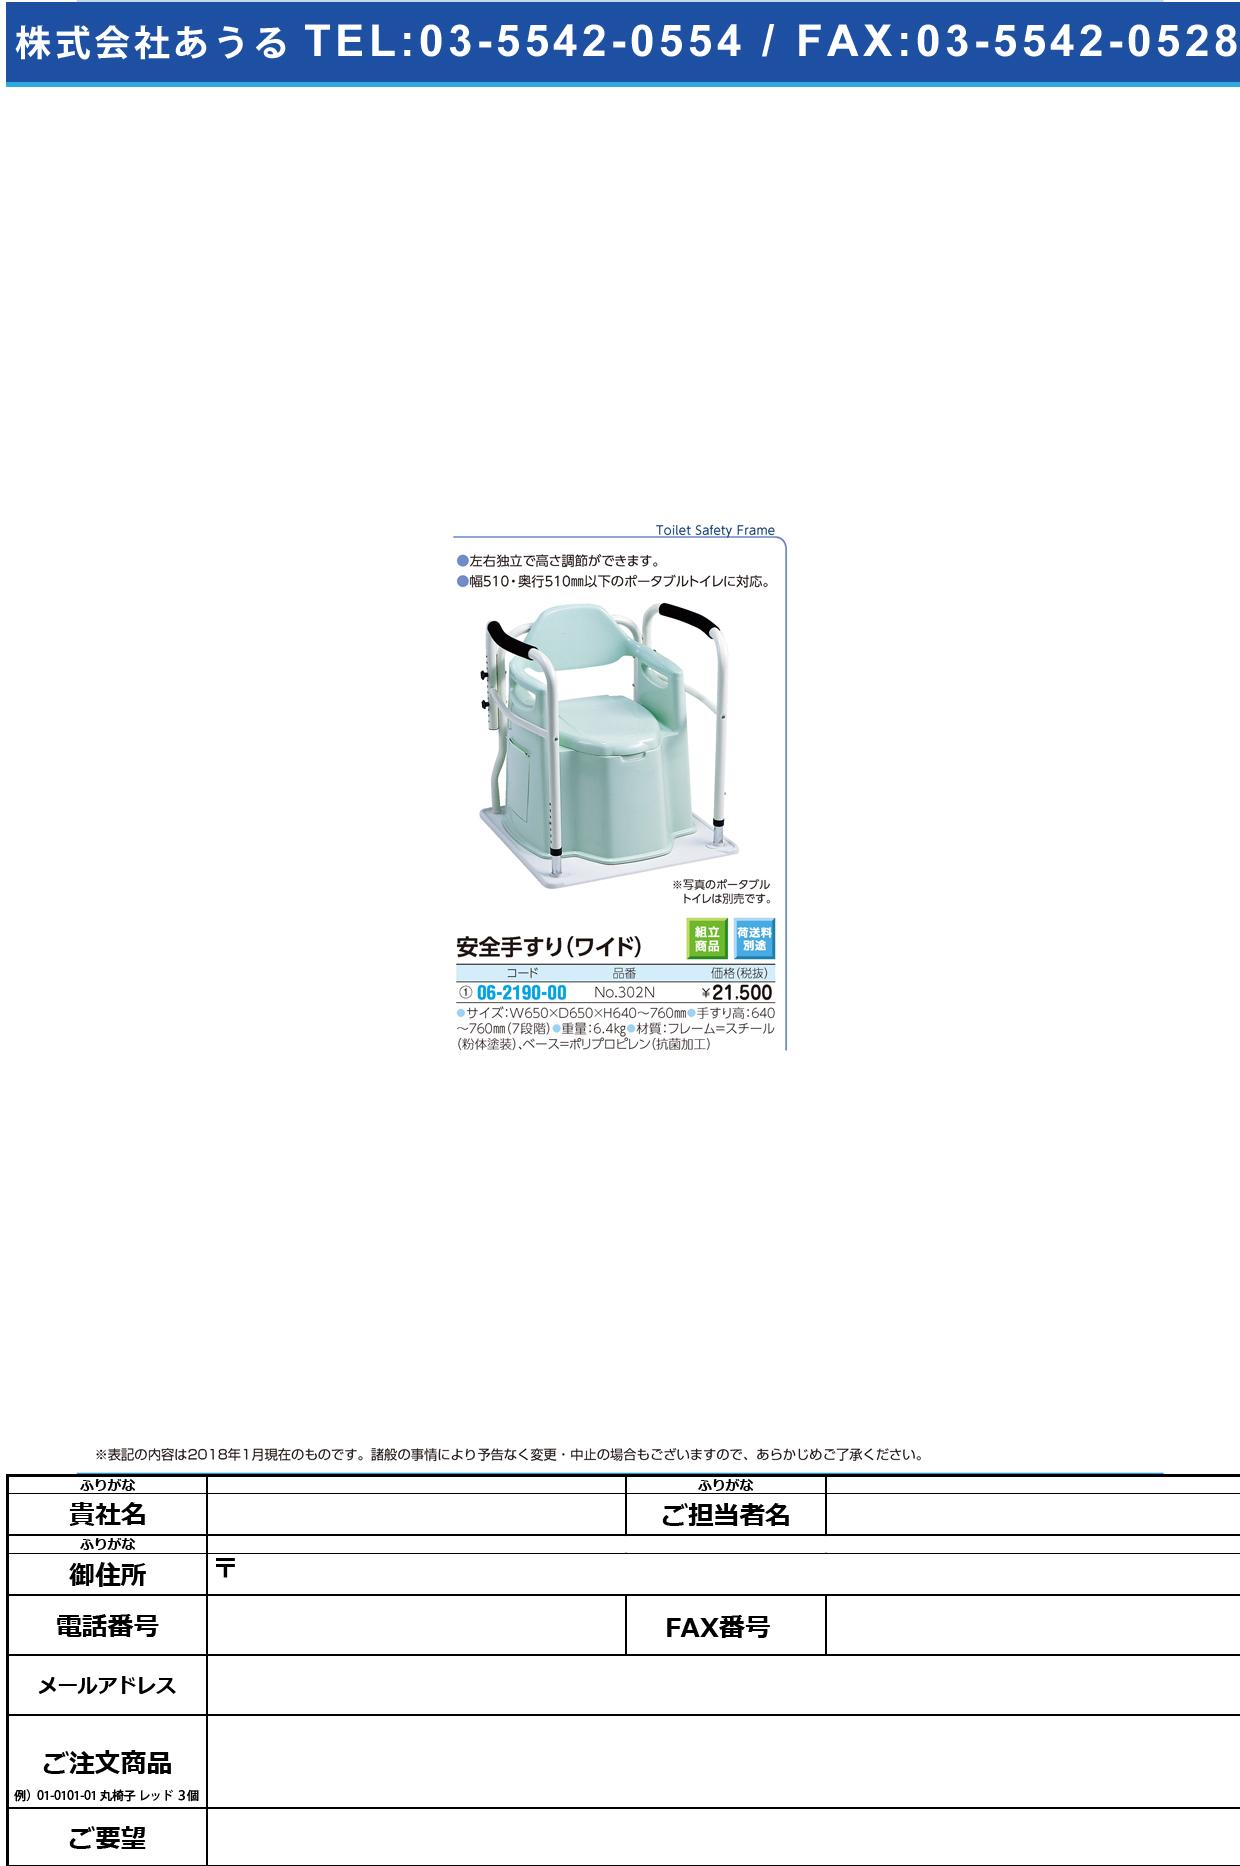 (06-2190-00)安全手すりワイド NO.302N アンゼンテスリワイド【1台単位】【2018年カタログ商品】